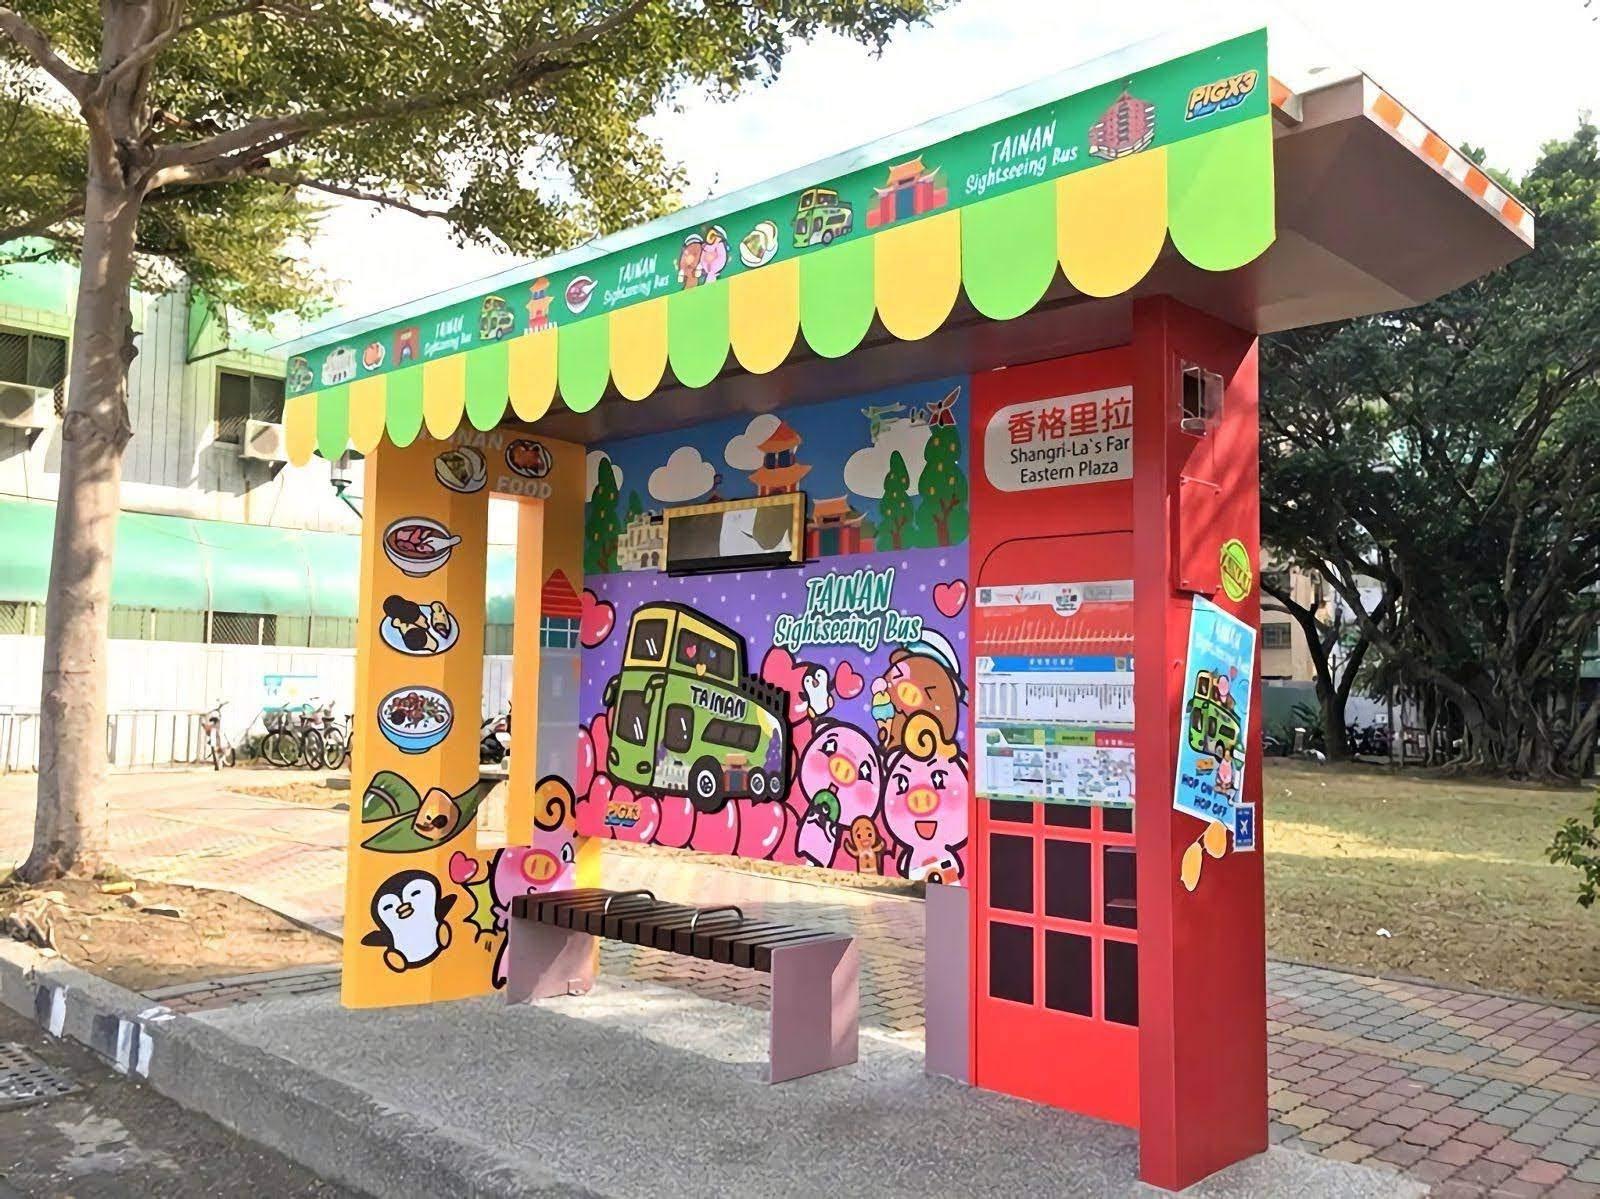 台南開頂雙層觀光巴士成幽靈公車?|市府透過套票、異業結合、包團等方式促銷